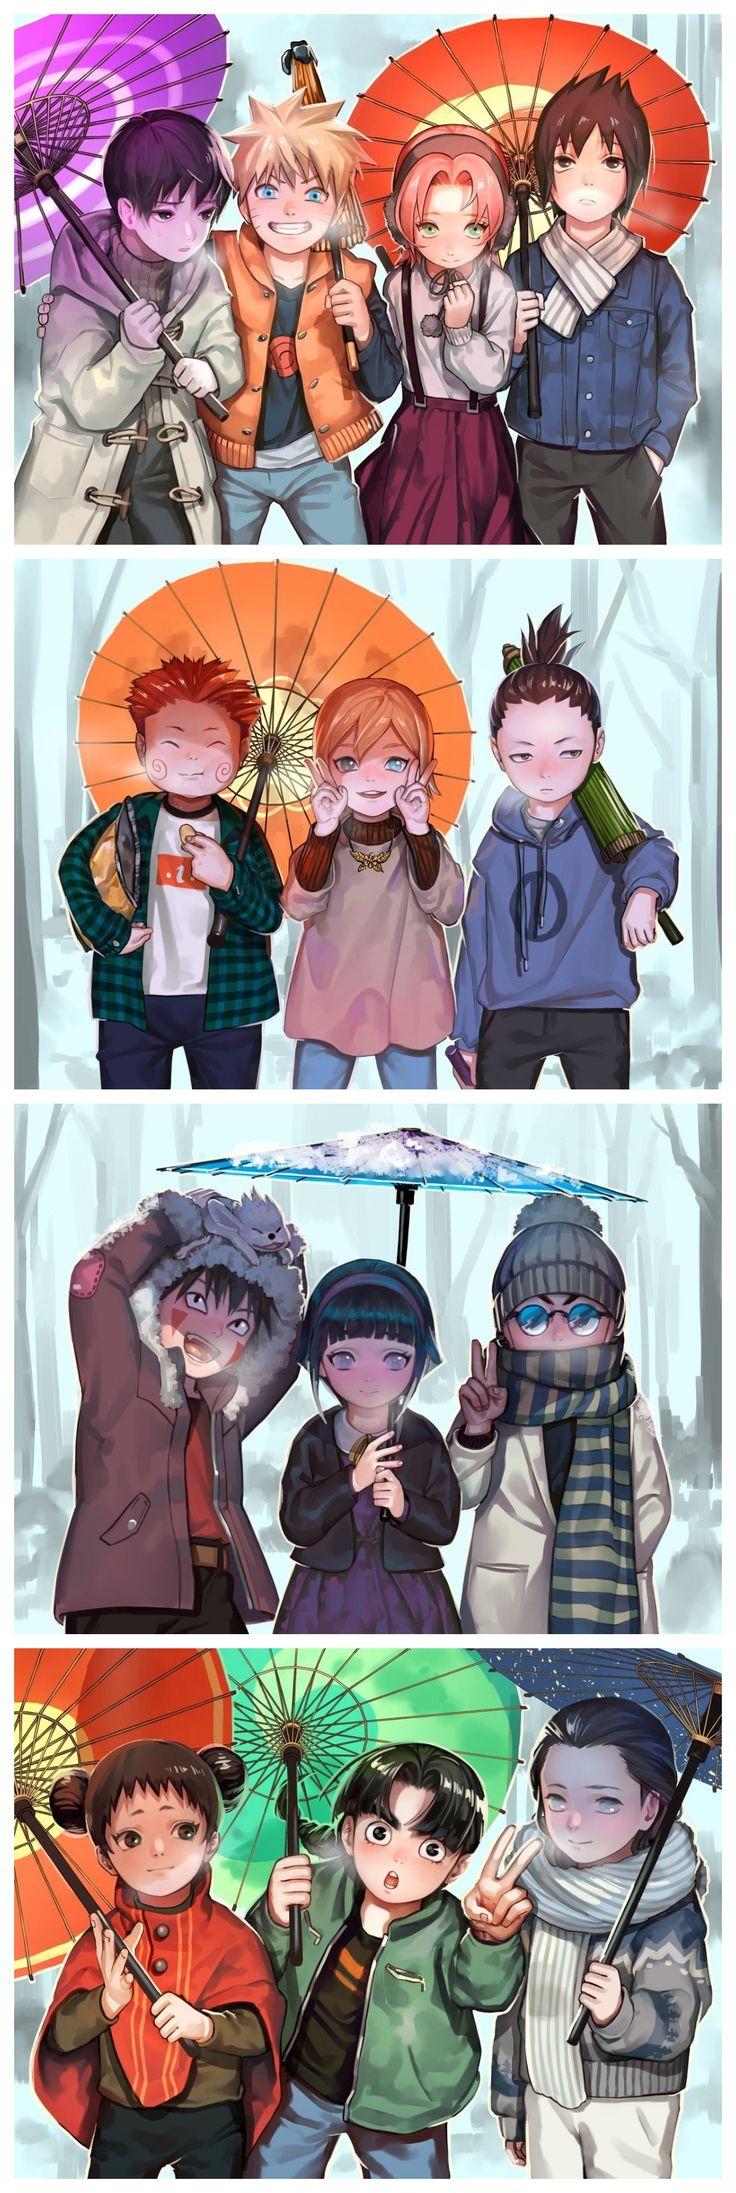 Sai, Naruto, Sakura, Sasuke, Choji, Ino, Shikamaru, Kiba, Hinata, Shino, Tenten, Rock Lee, e Neji